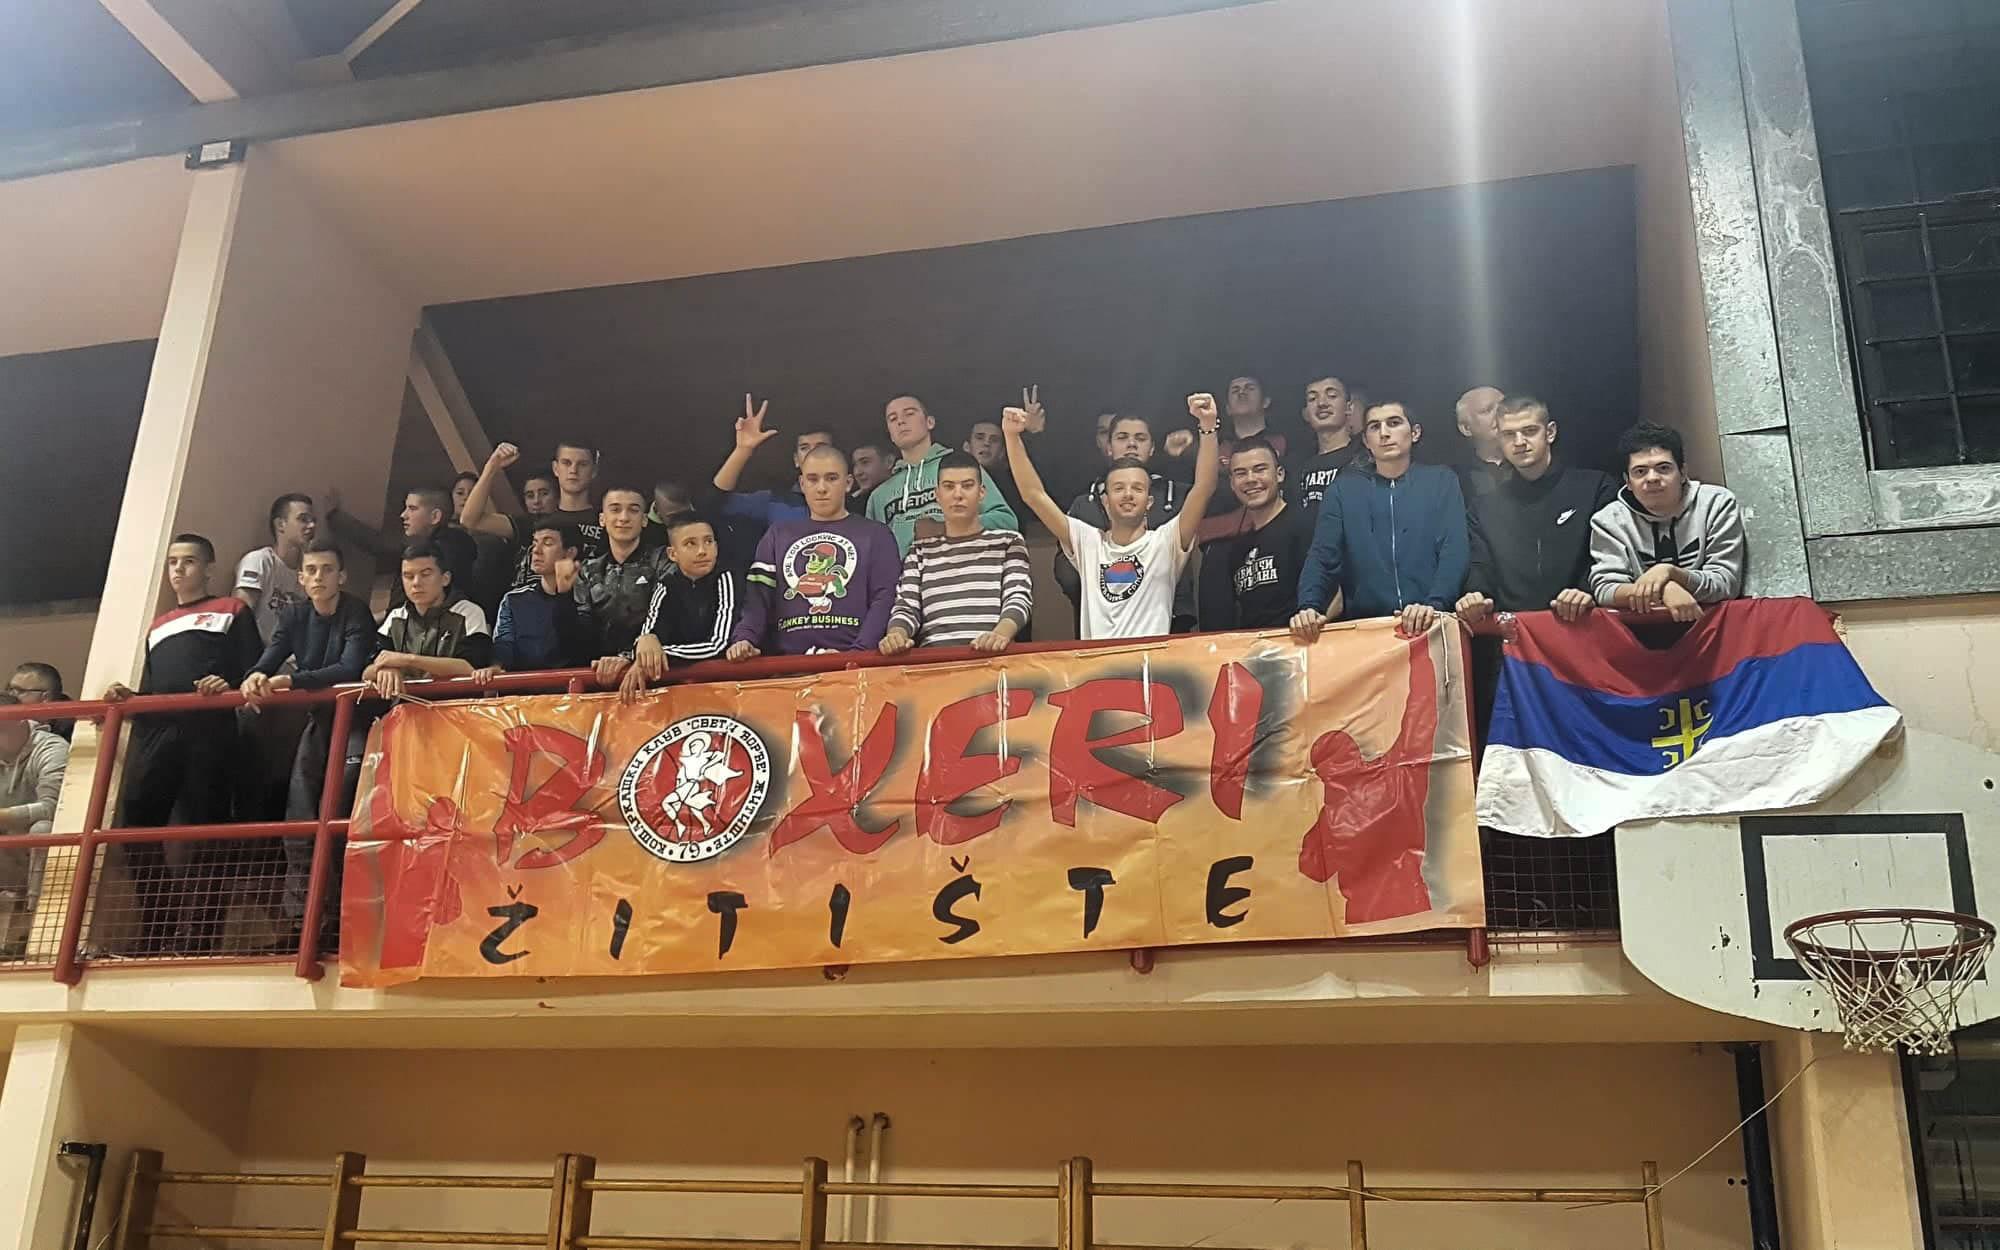 Uz vatrenu podršku navijača košarkaši Svetog Đorđa do nove pobede